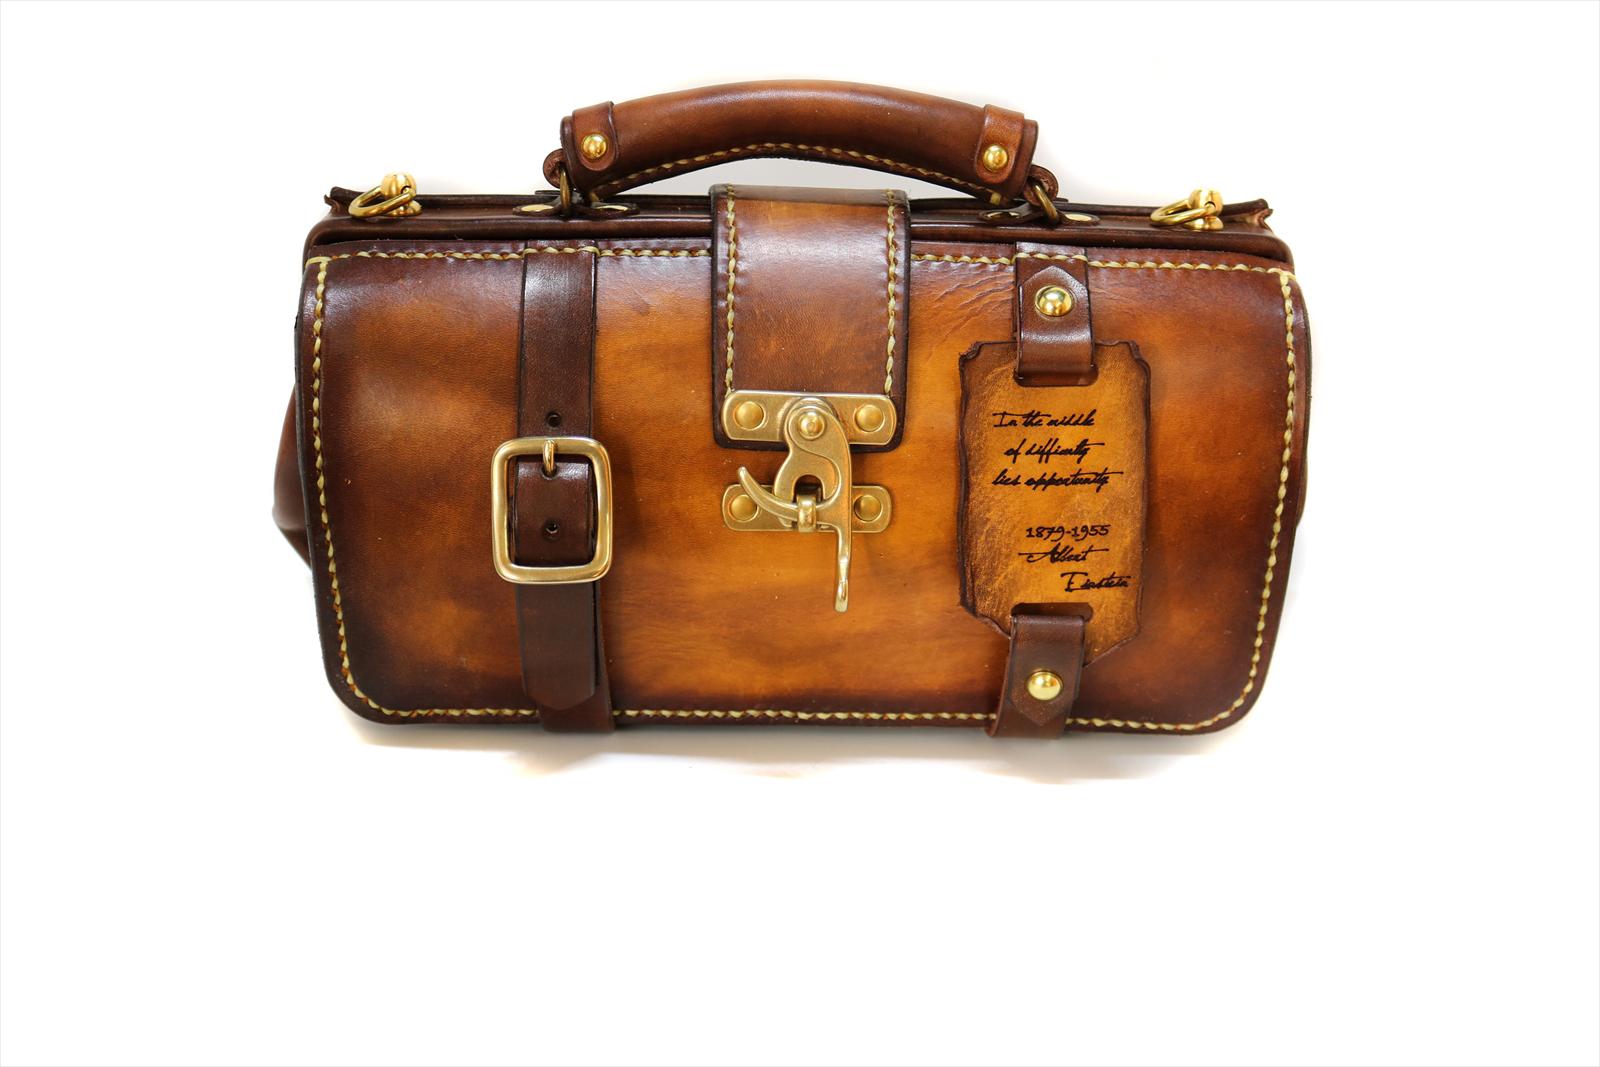 完全手作りの一点ものです 本革 ミニダレスバッグ がま口バッグ カバン 鞄 レディース 婦人バッグ セレブ 一点物